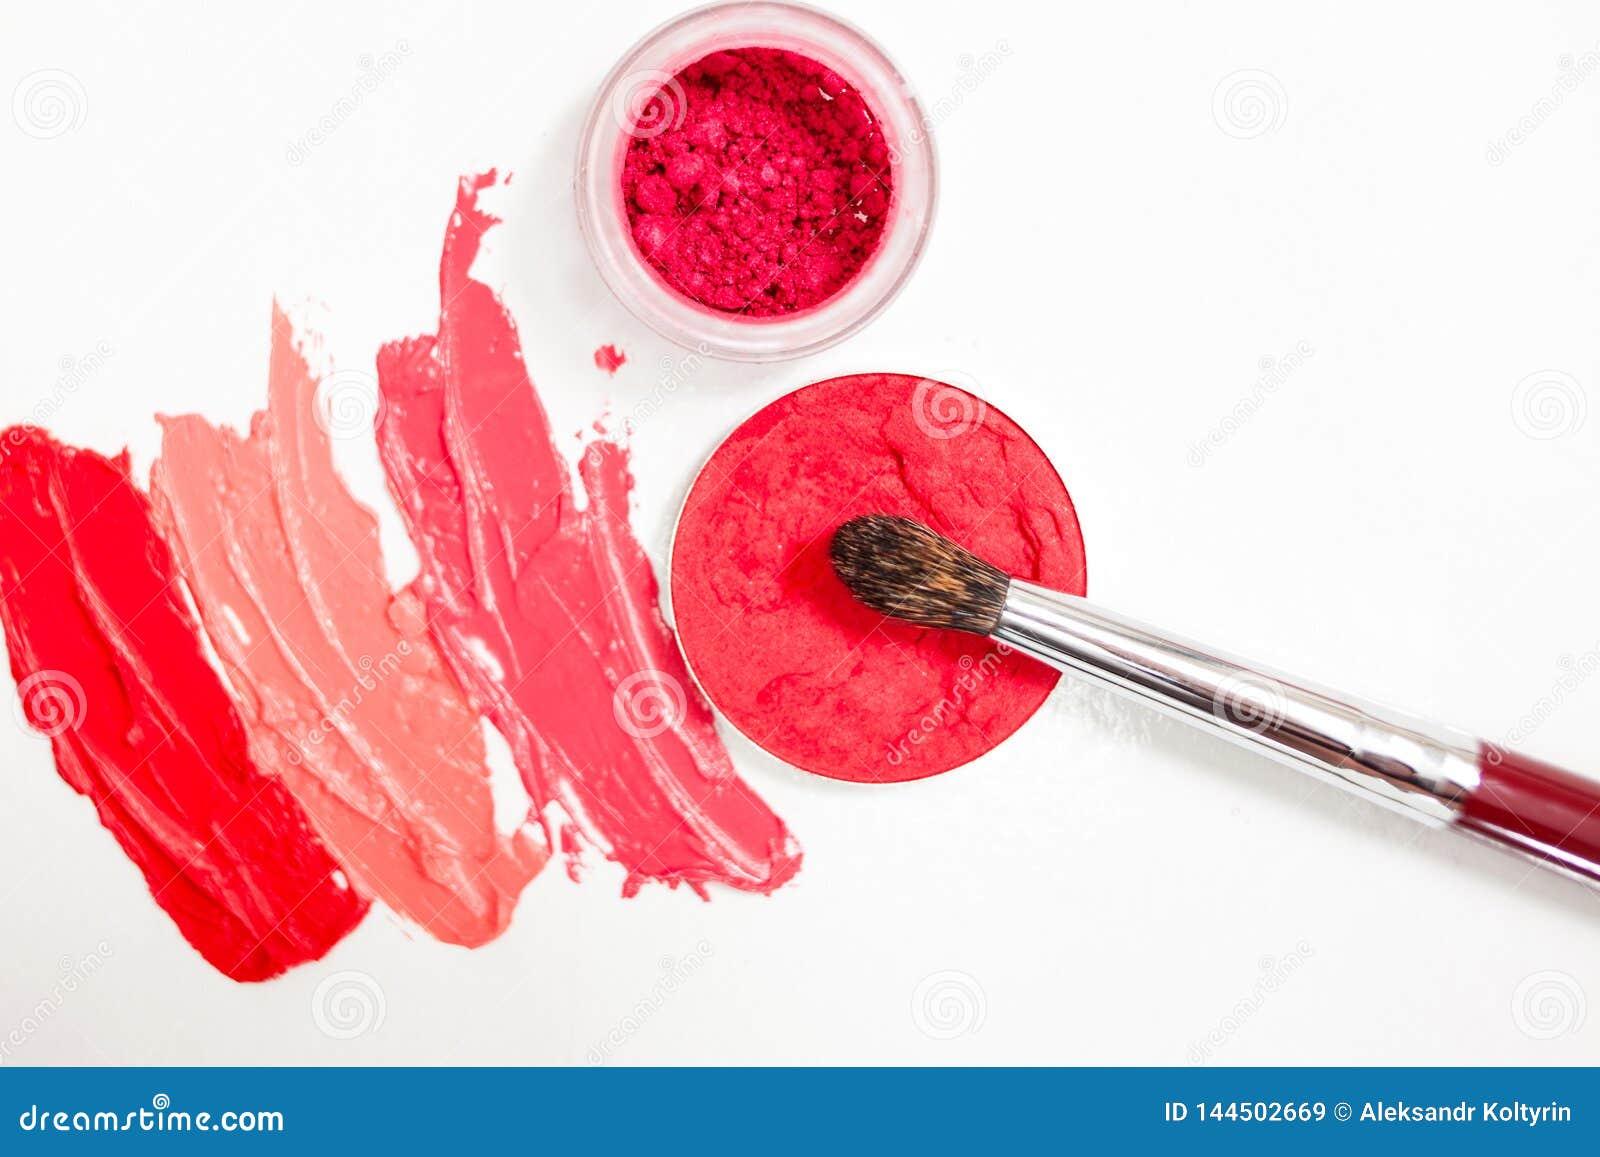 Lippenstift en lipgloss, dalingen en slagen van verschillende schaduwen met borstels voor toepassing en het in de schaduw stellen